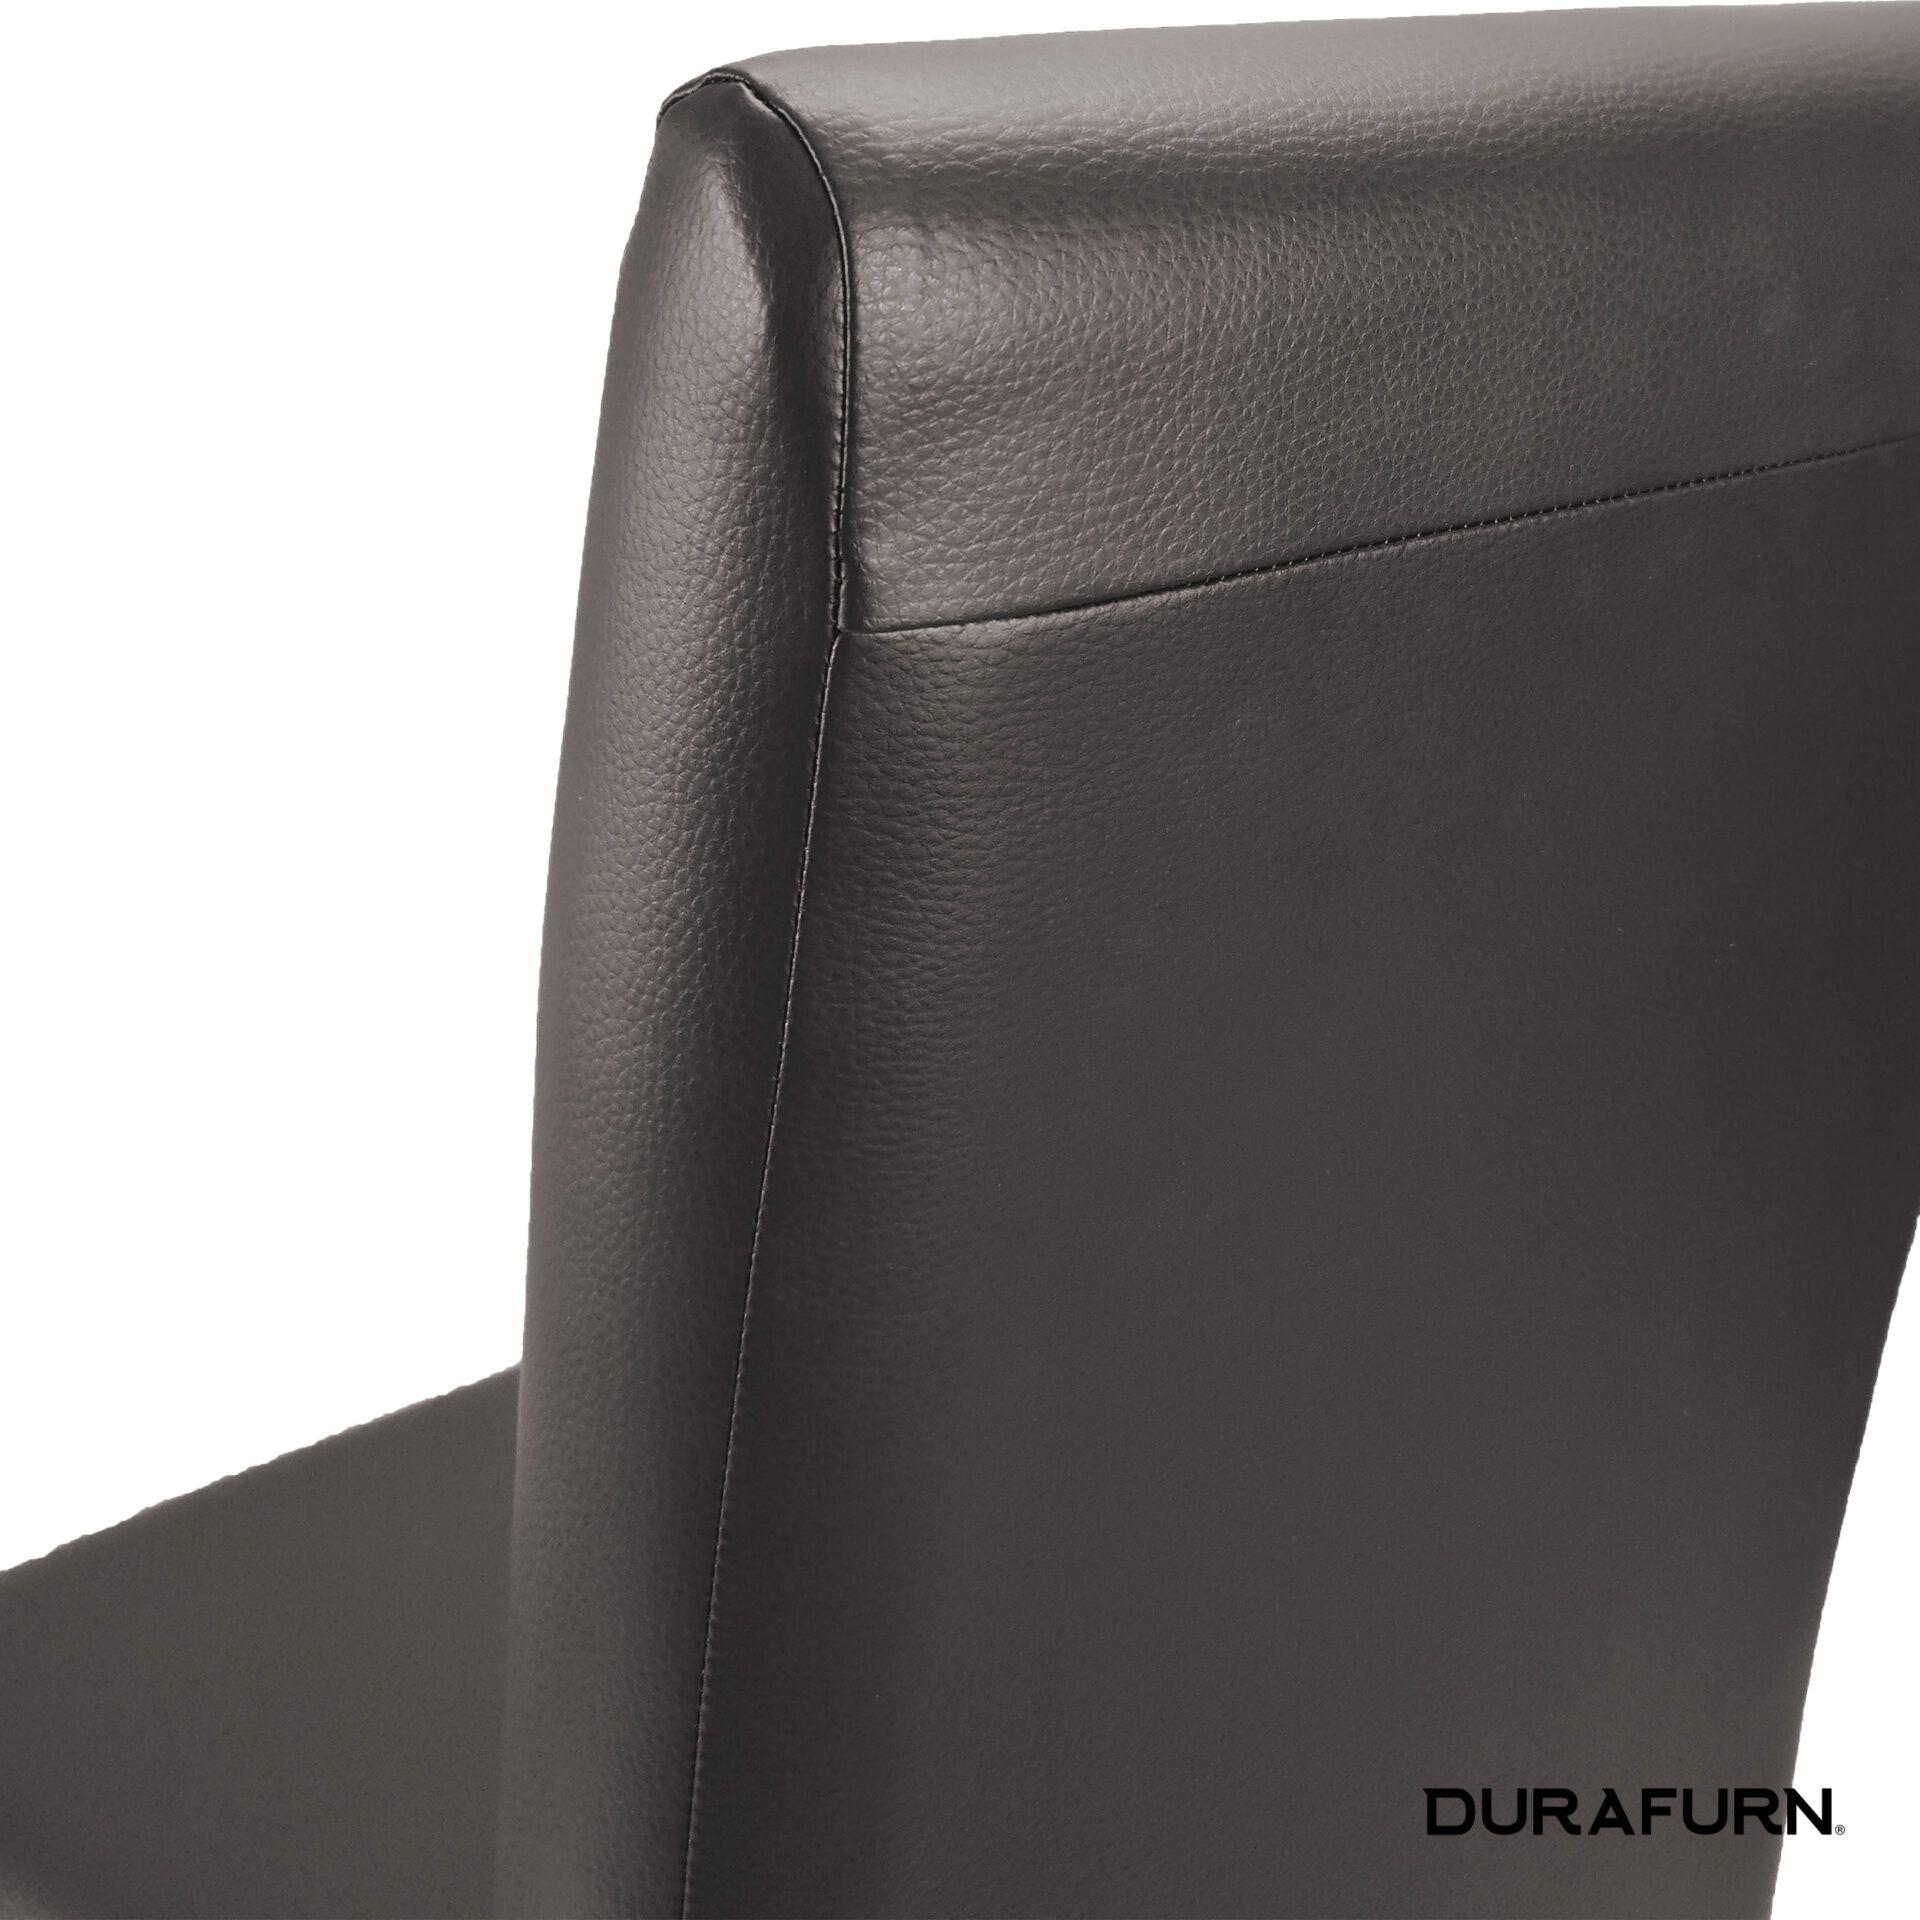 vettro chair brown detail 2